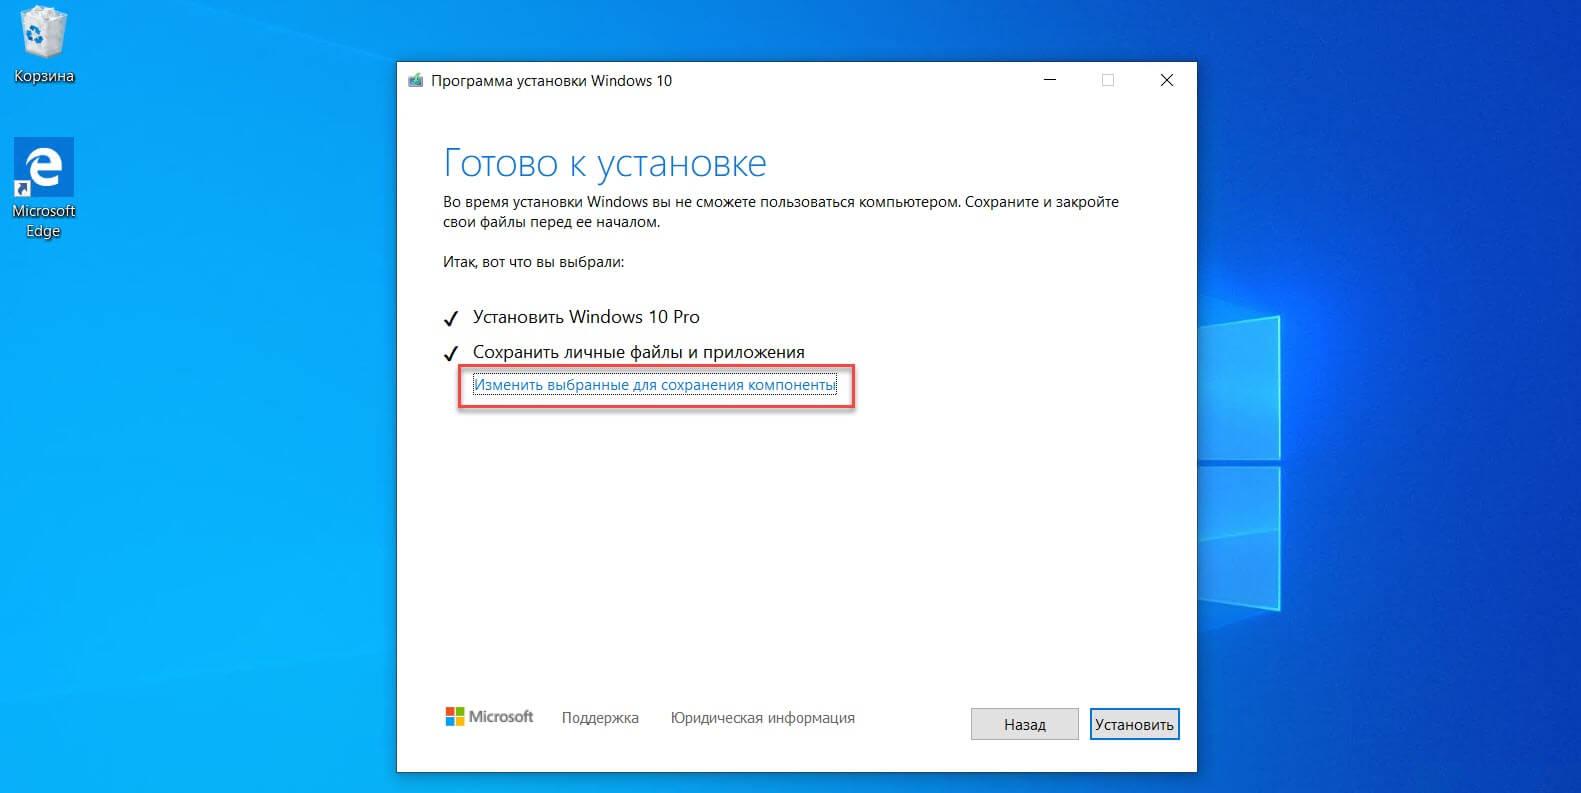 Нажмите на ссылку с надписью «Изменить выбранные для сохранения компоненты», а затем выберите «Сохранить только мои личные файлы». Нажмите кнопку «Далее».